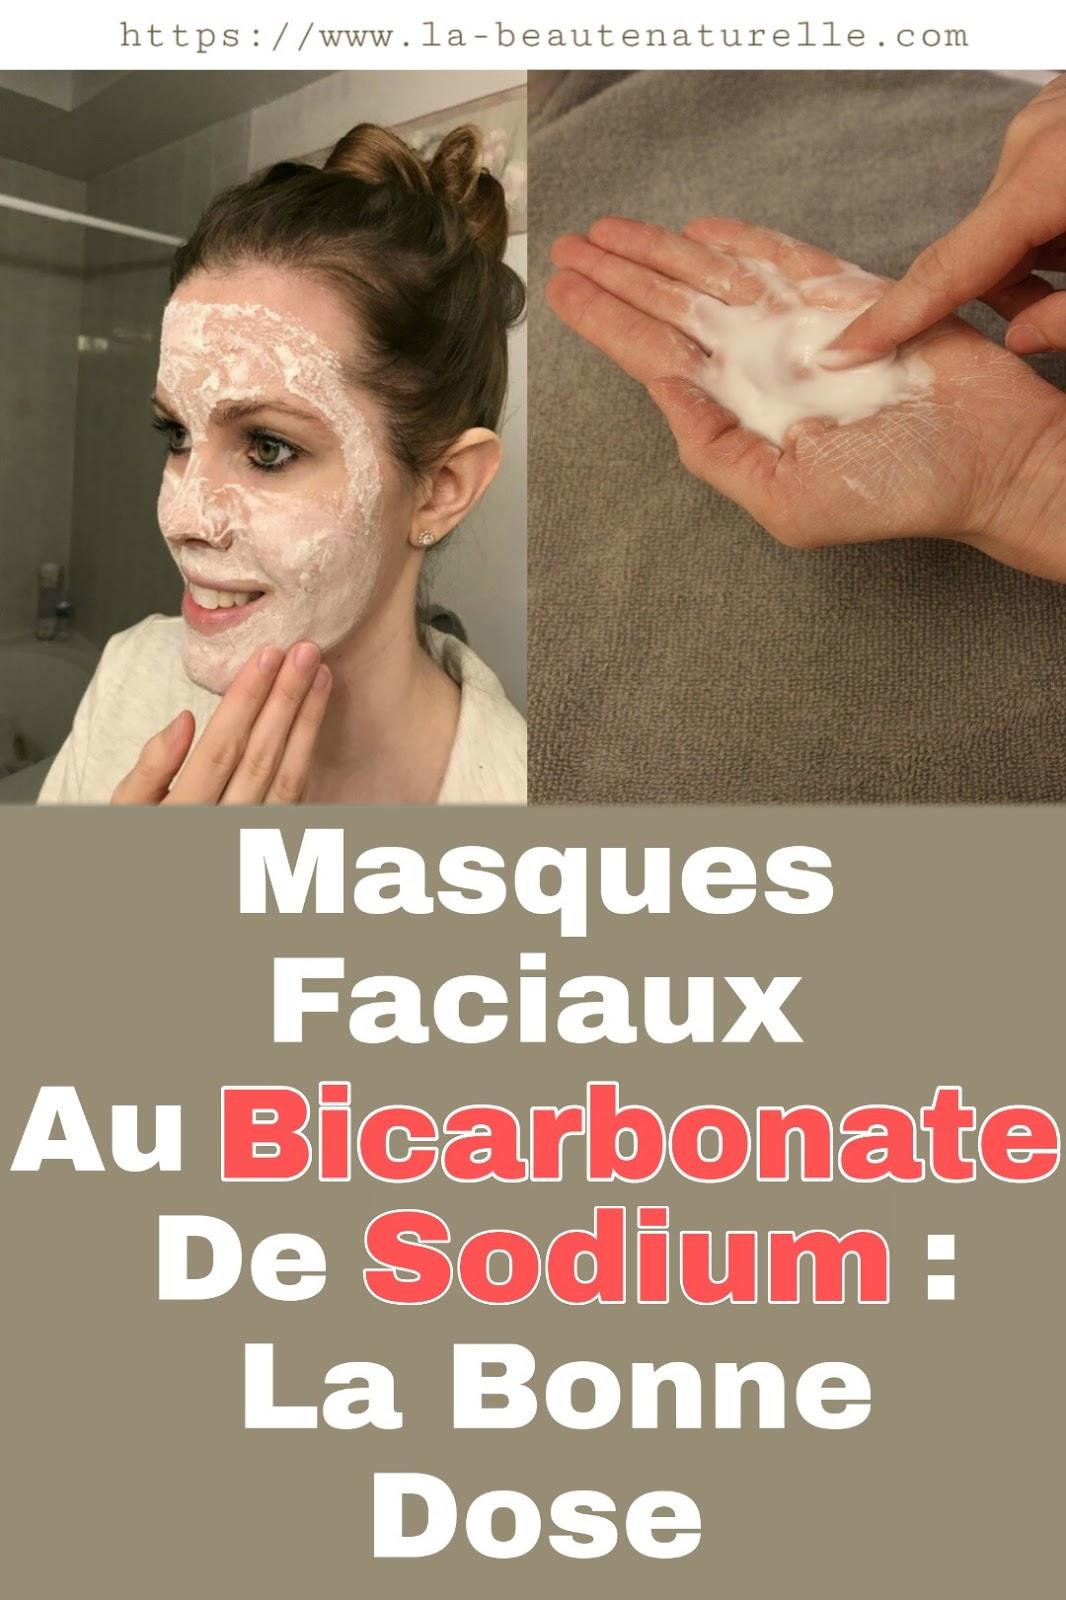 Masques Faciaux Au Bicarbonate De Sodium : La Bonne Dose